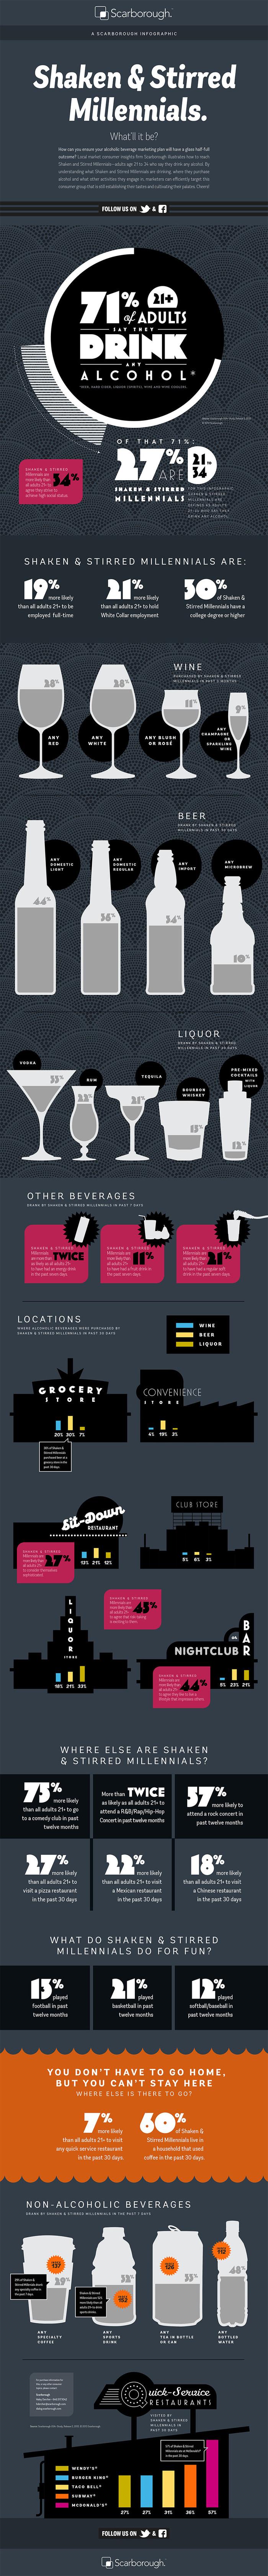 Scarborough Infographic: Shaken & Stirred Millennials